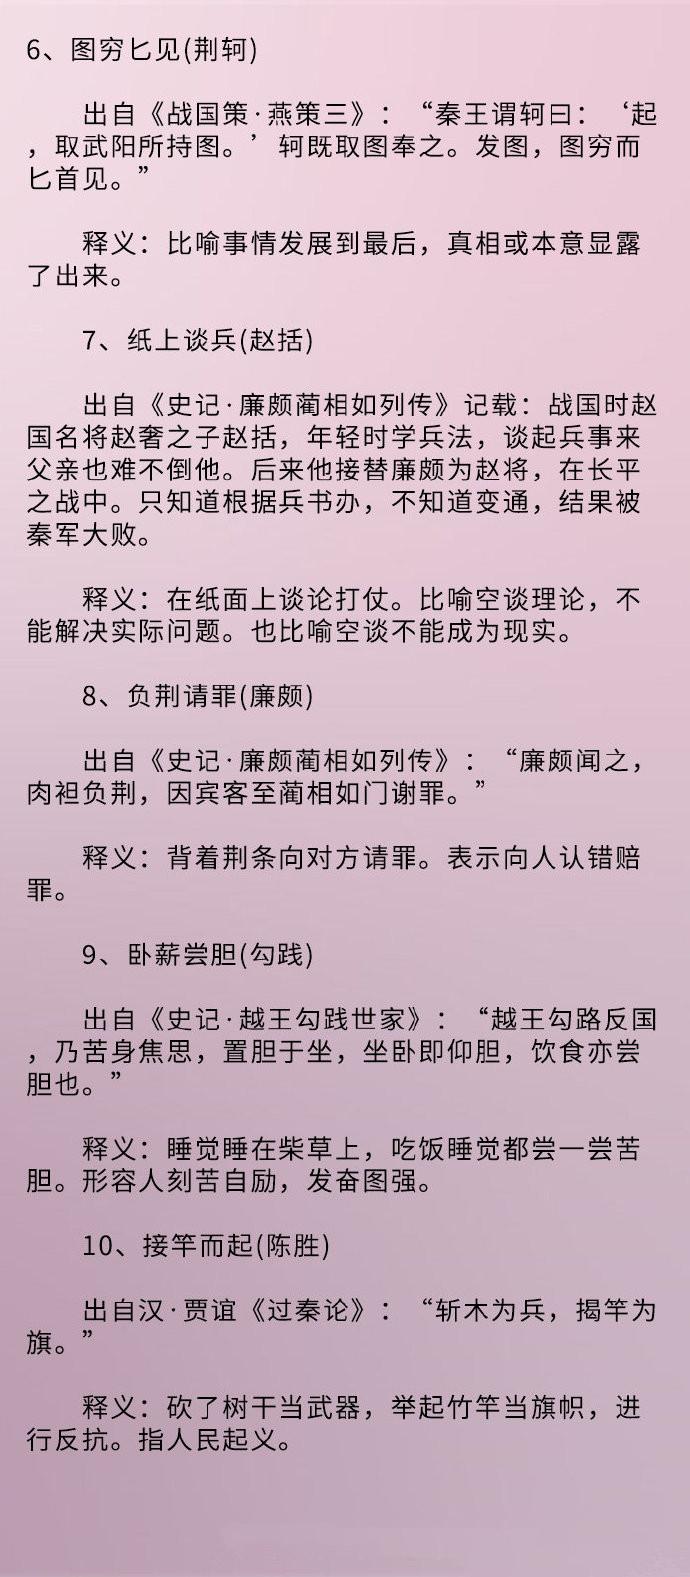 2020年浙江公务员考试常识积累:50个成语典故(上)